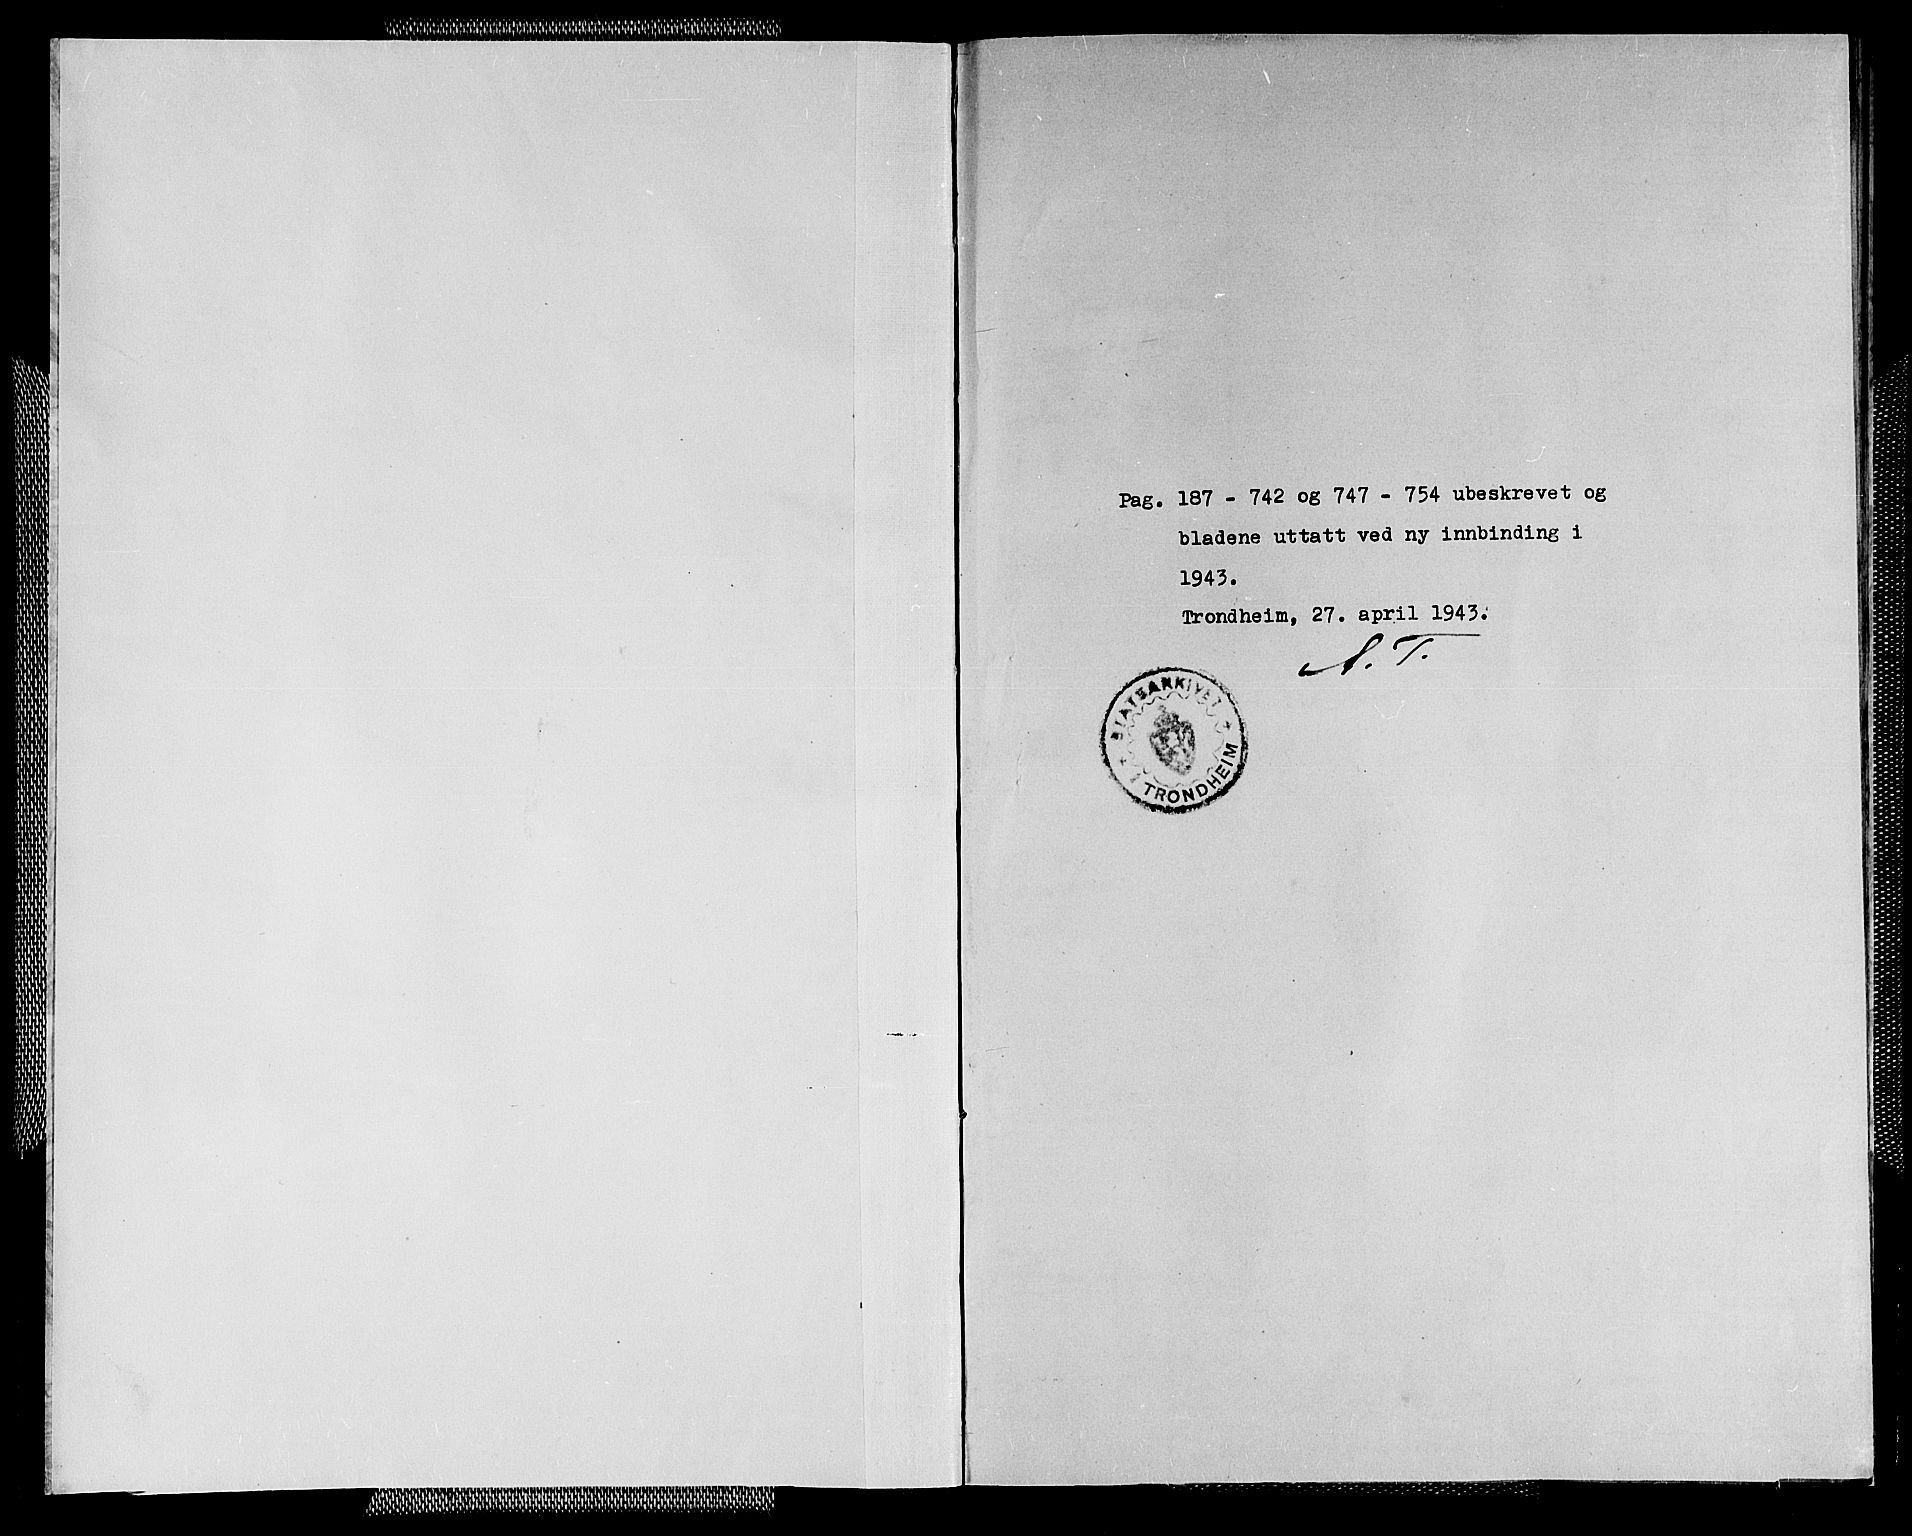 SAT, Ministerialprotokoller, klokkerbøker og fødselsregistre - Nord-Trøndelag, 713/L0111: Ministerialbok nr. 713A03, 1812-1816